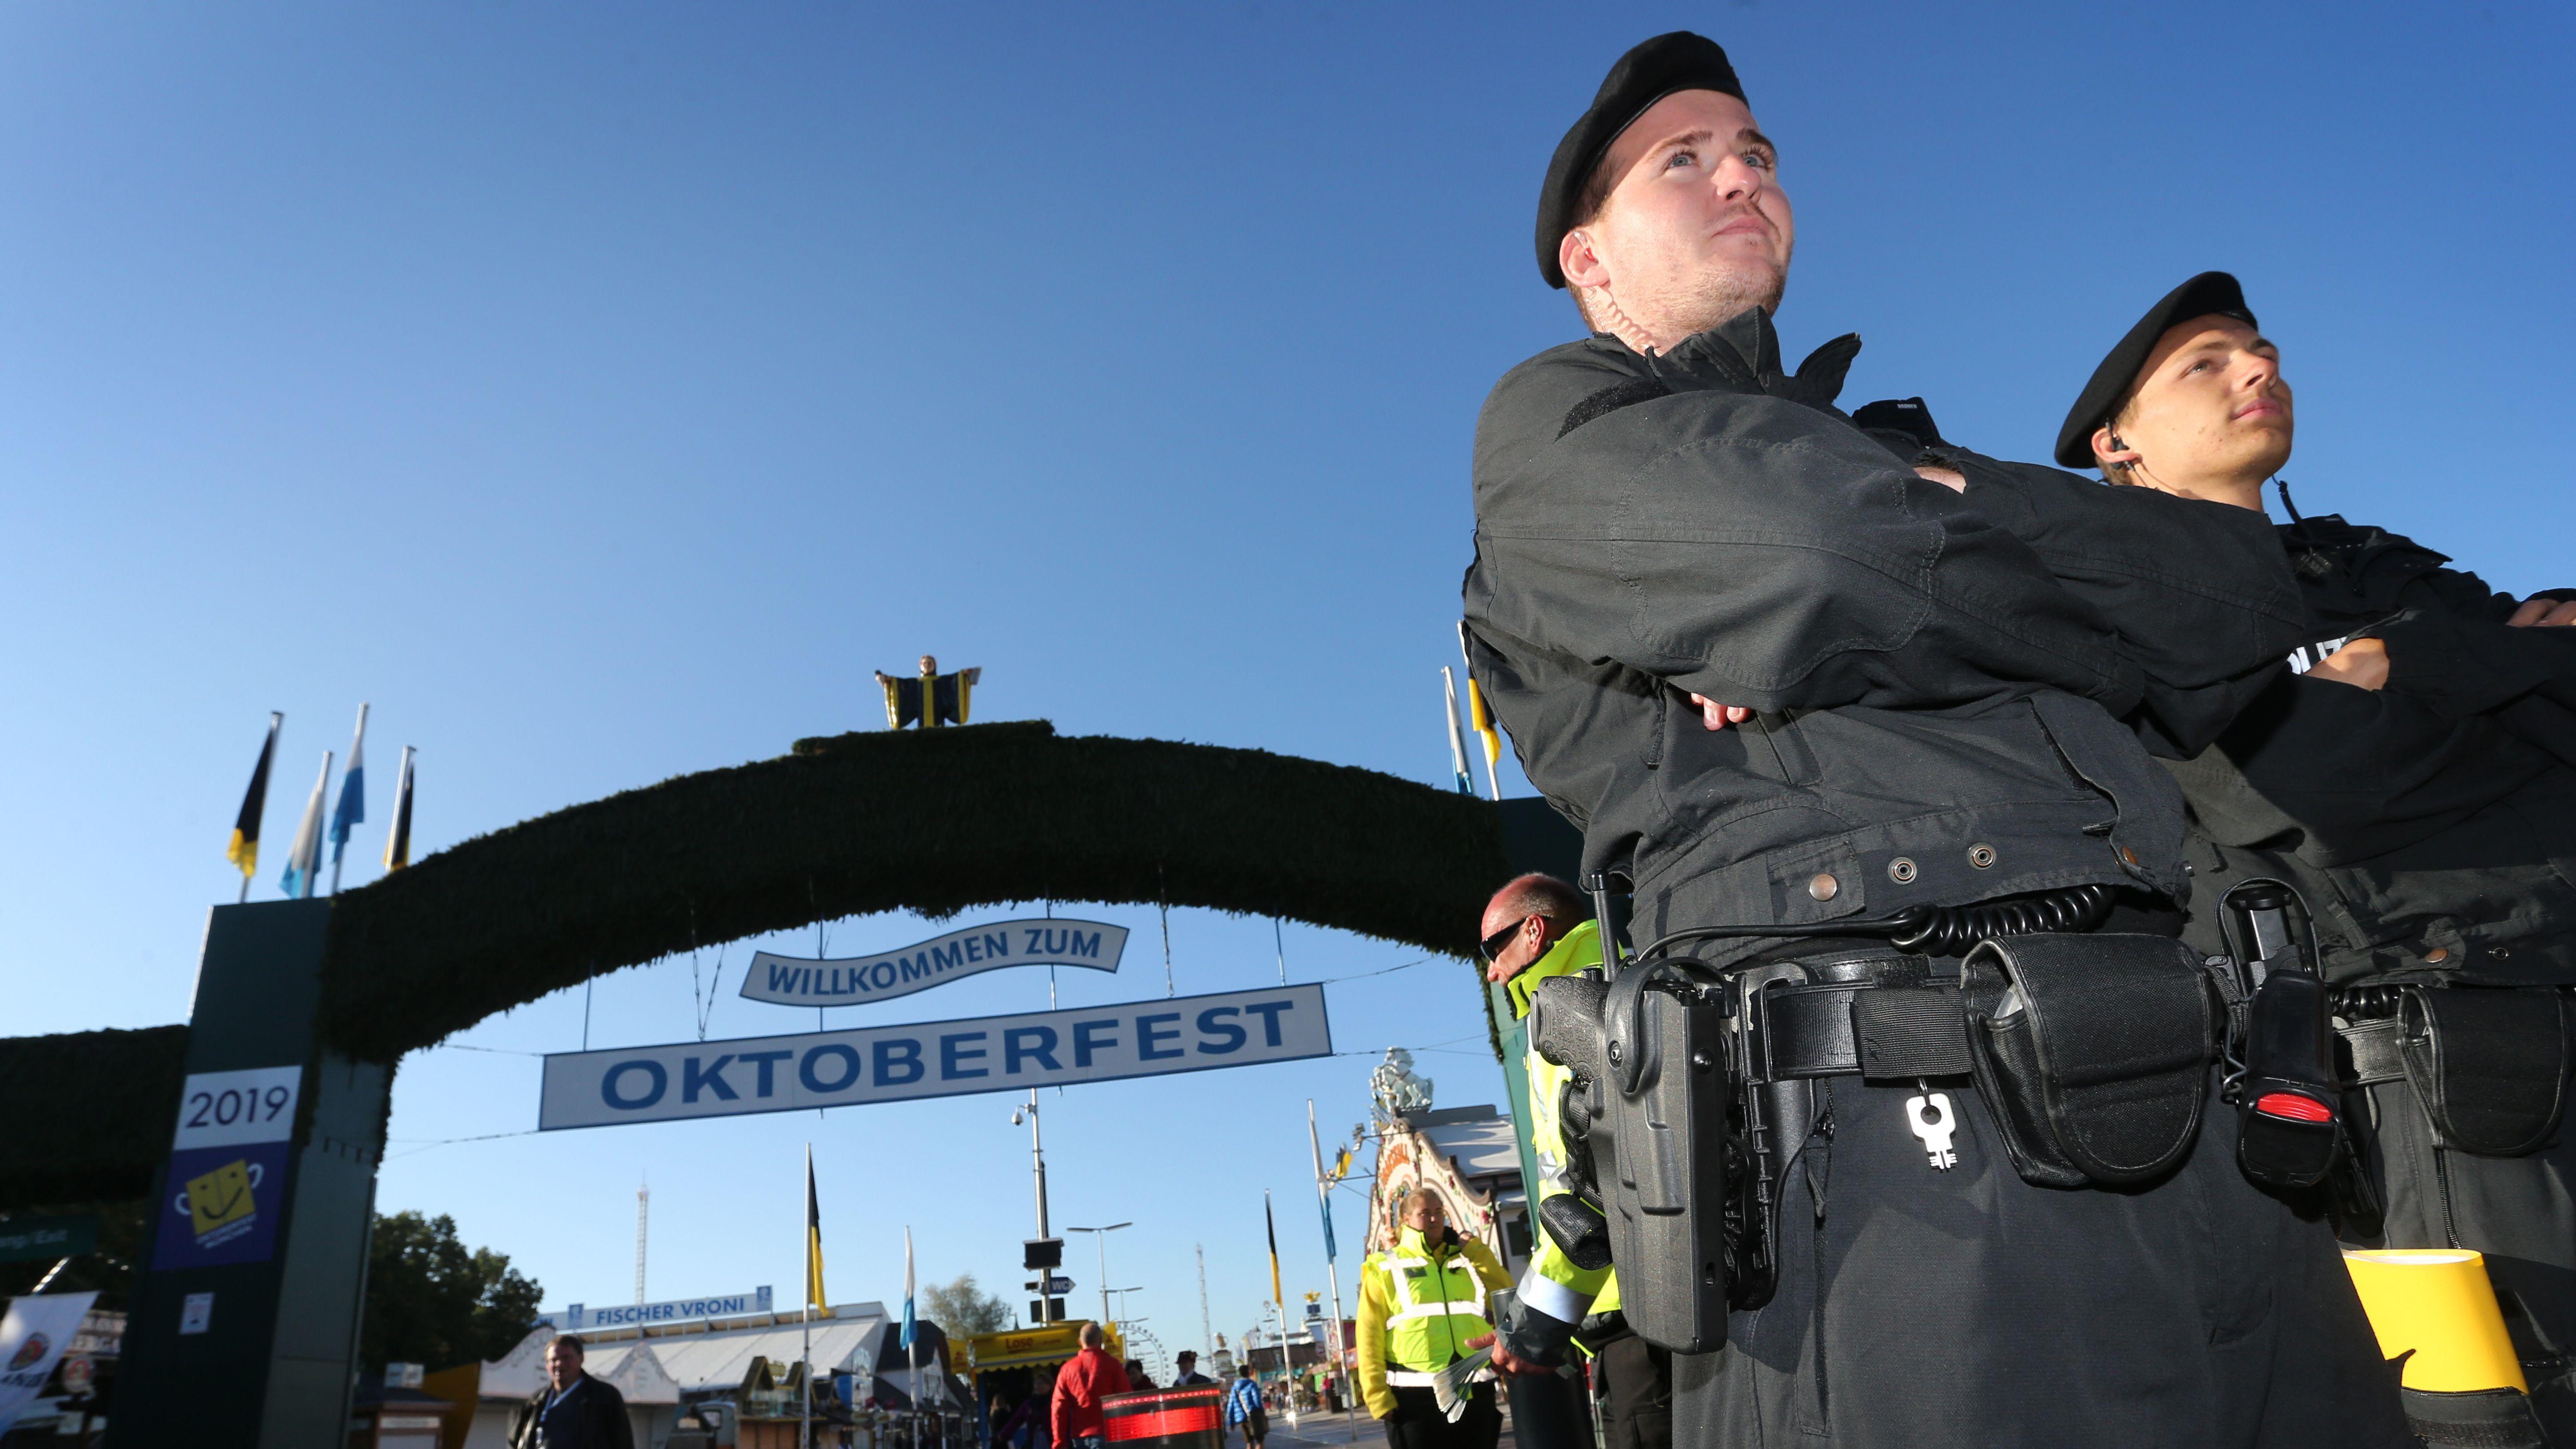 Polizisten vor dem Haupteingang zur Wiesn